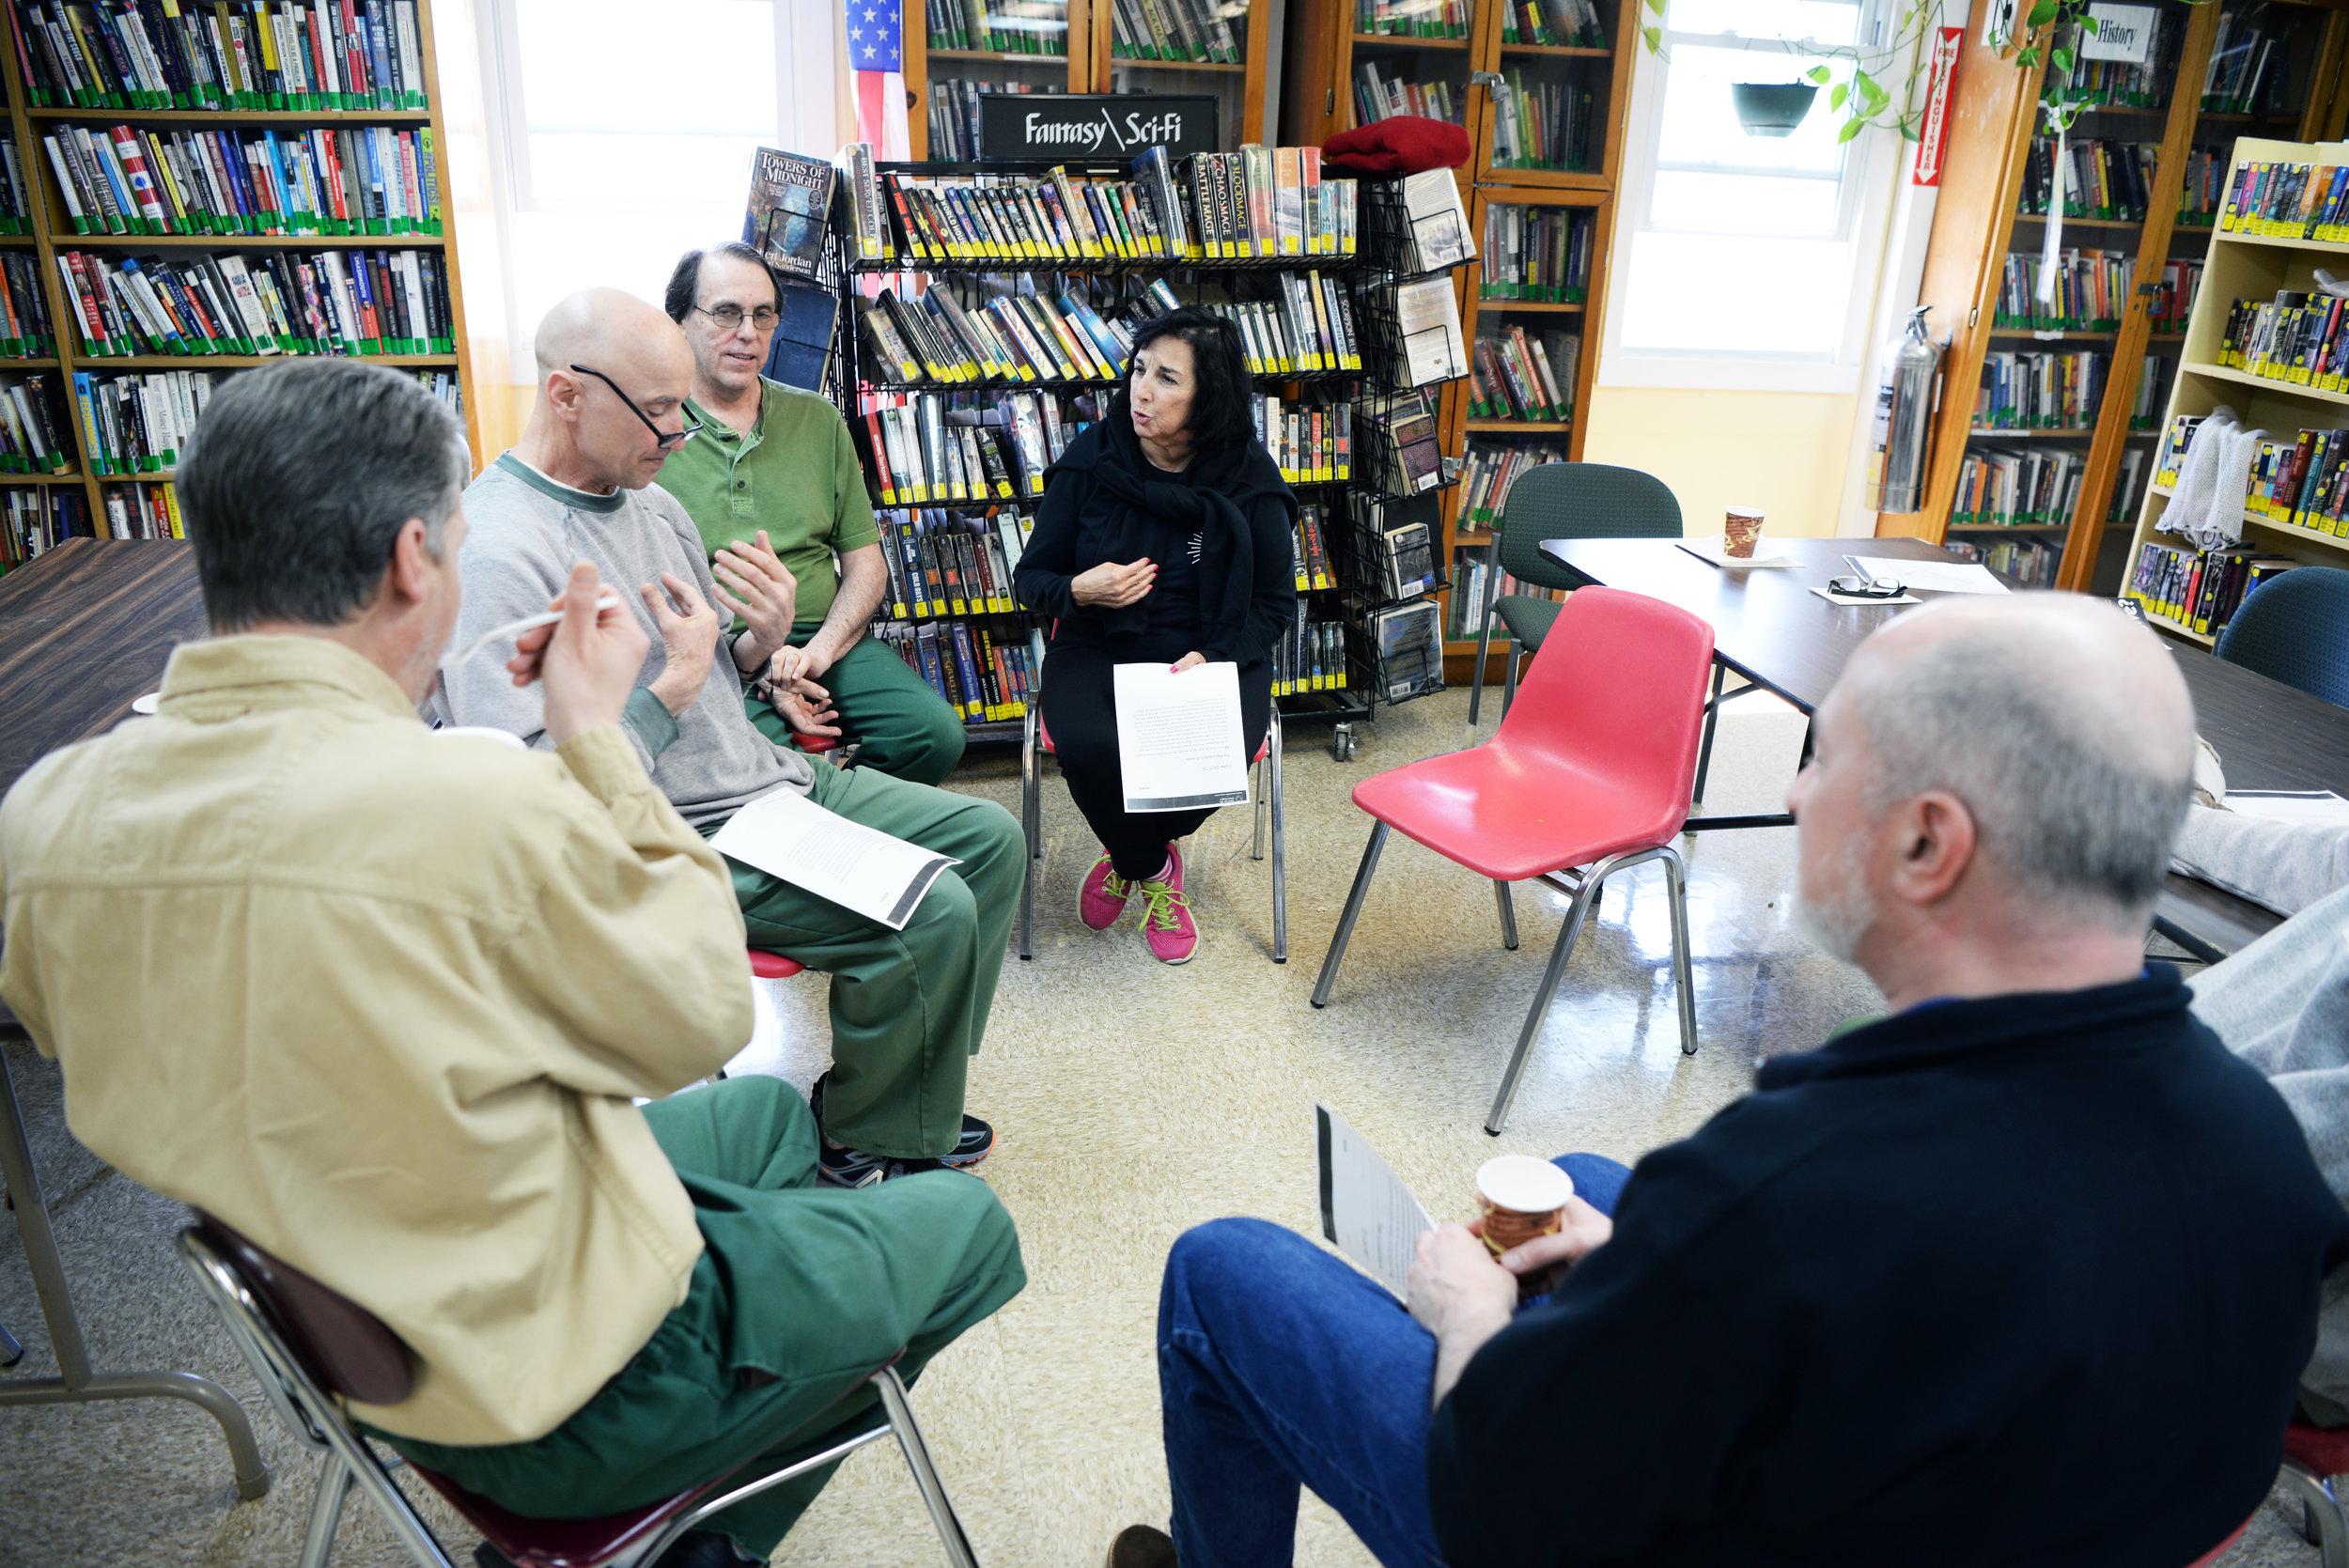 Apoyo a las bibliotecas y centros de aprendizaje de las prisiones - En asociación con la Biblioteca Pública de Nueva York, estamos apoyando las Bibliotecas de Prisiones.